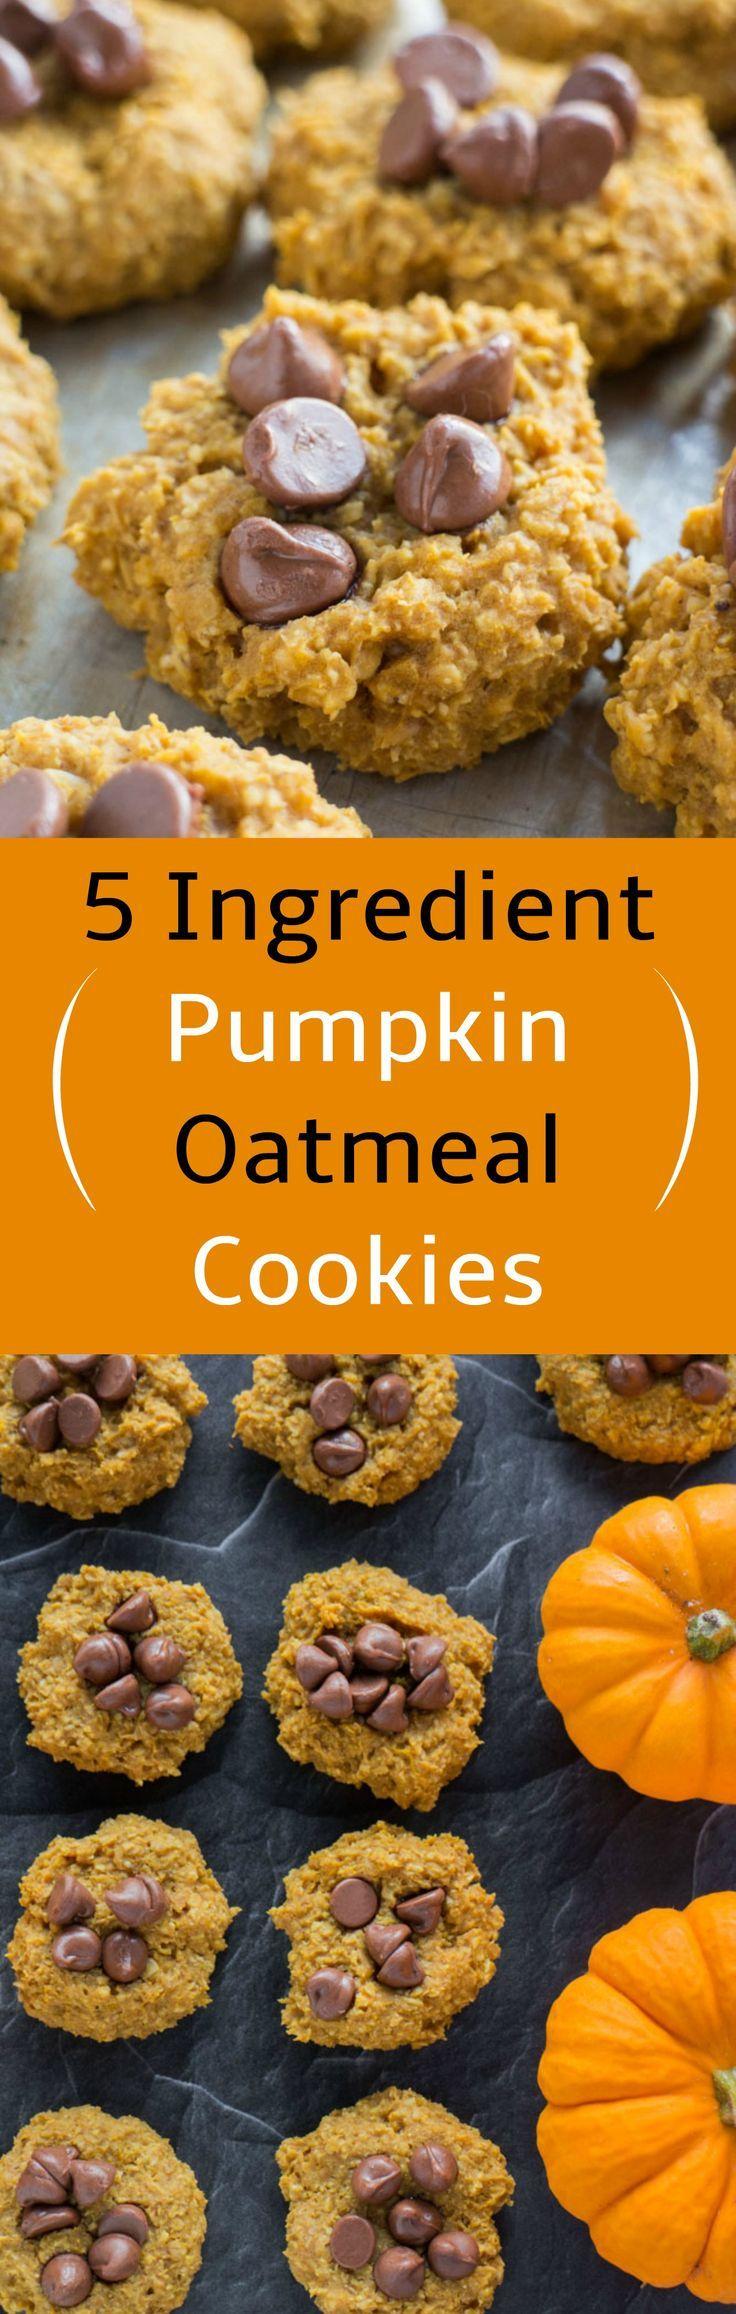 5 Ingredient Healthy Pumpkin Cookies Recipe Pumpkin